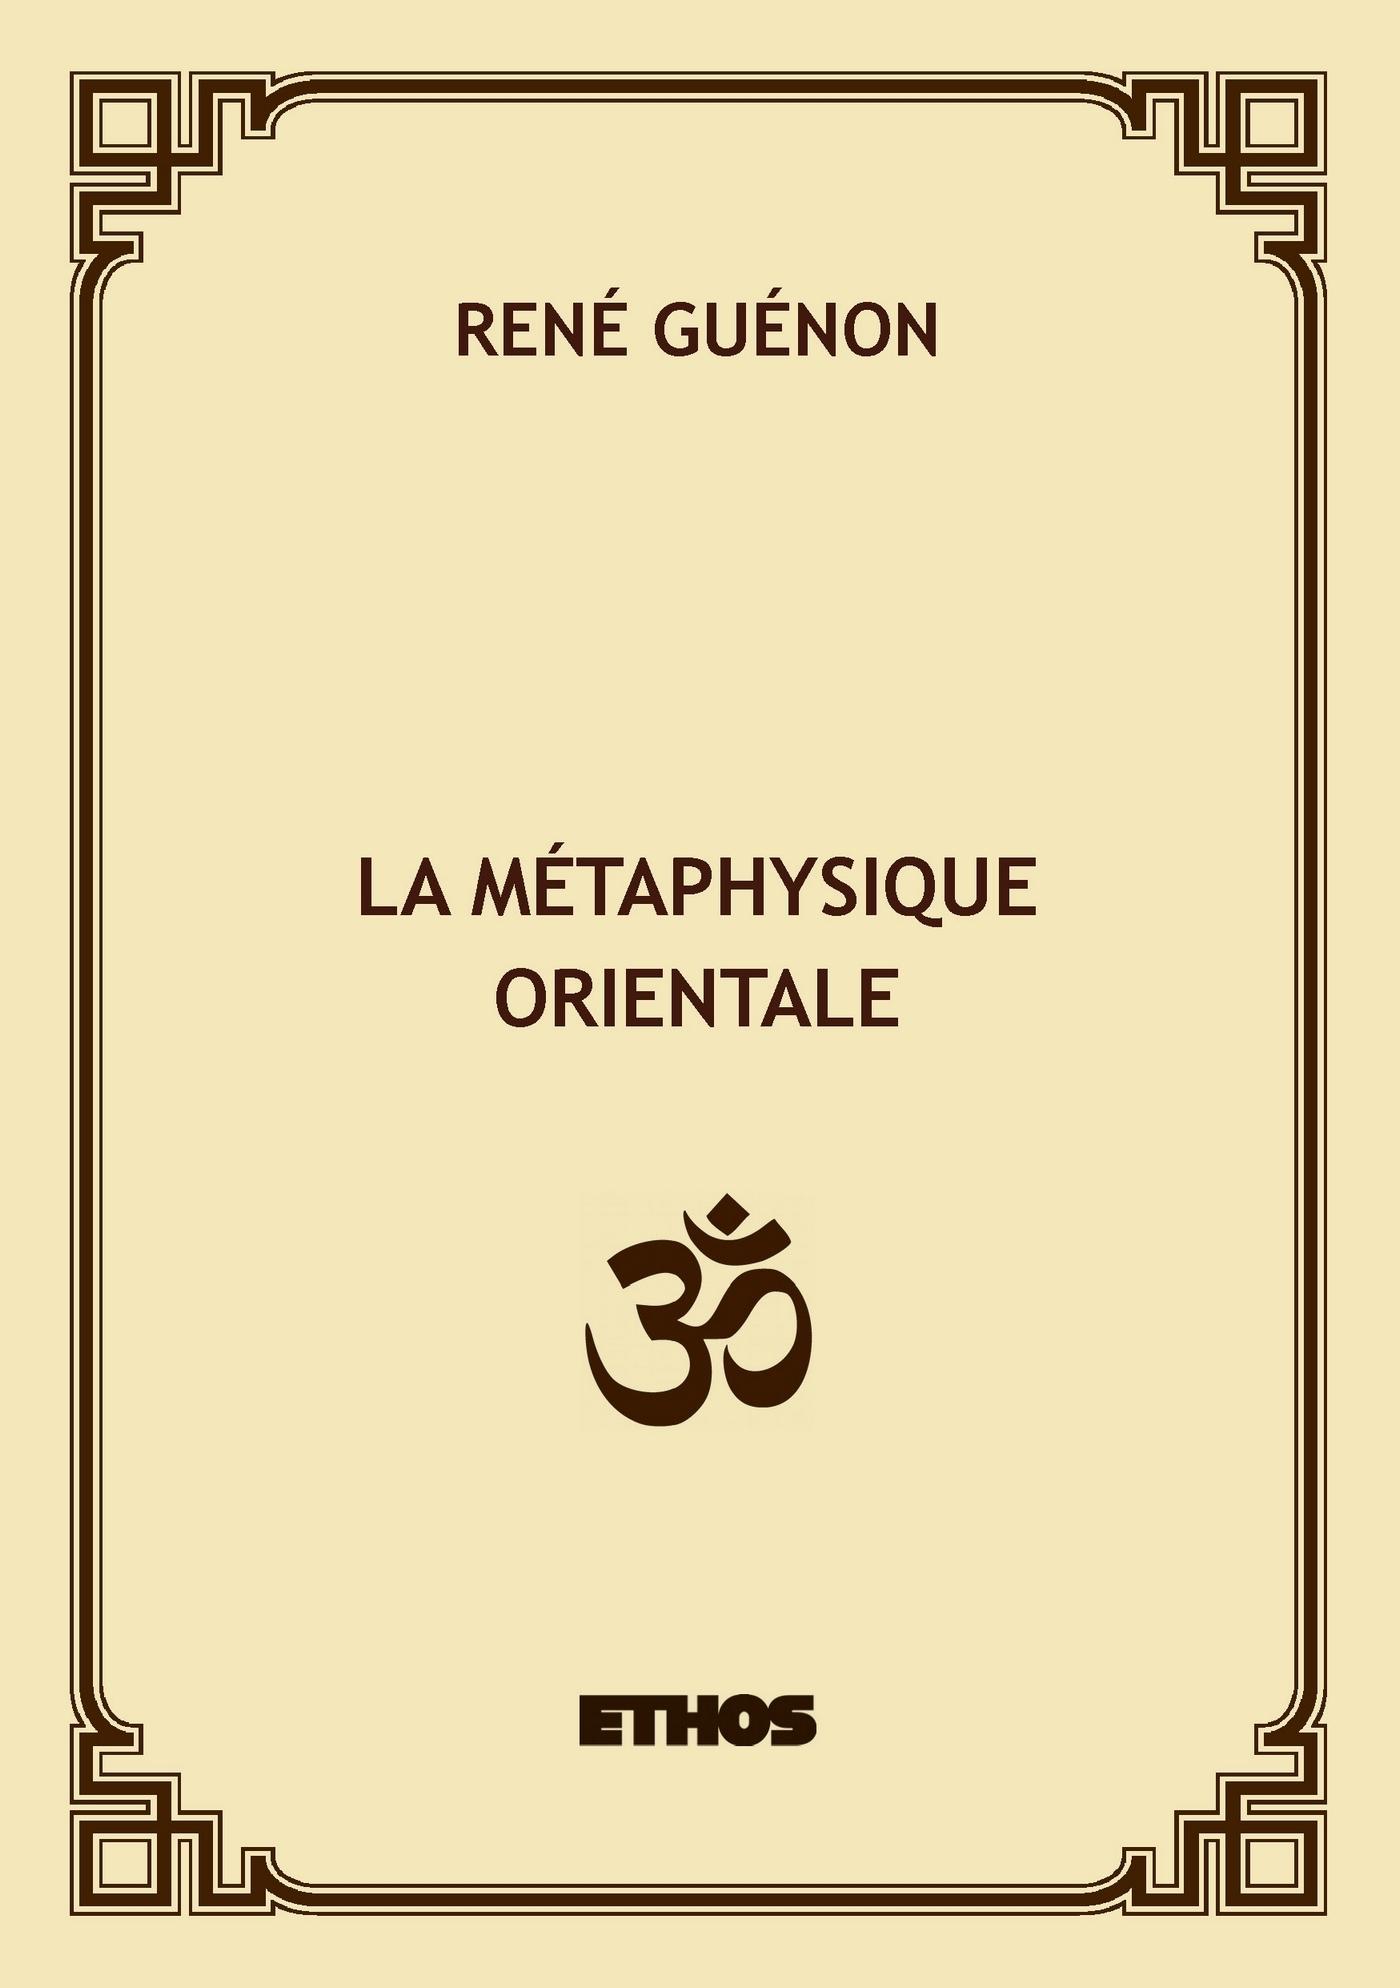 LA METAPHYSIQUE ORIENTALE